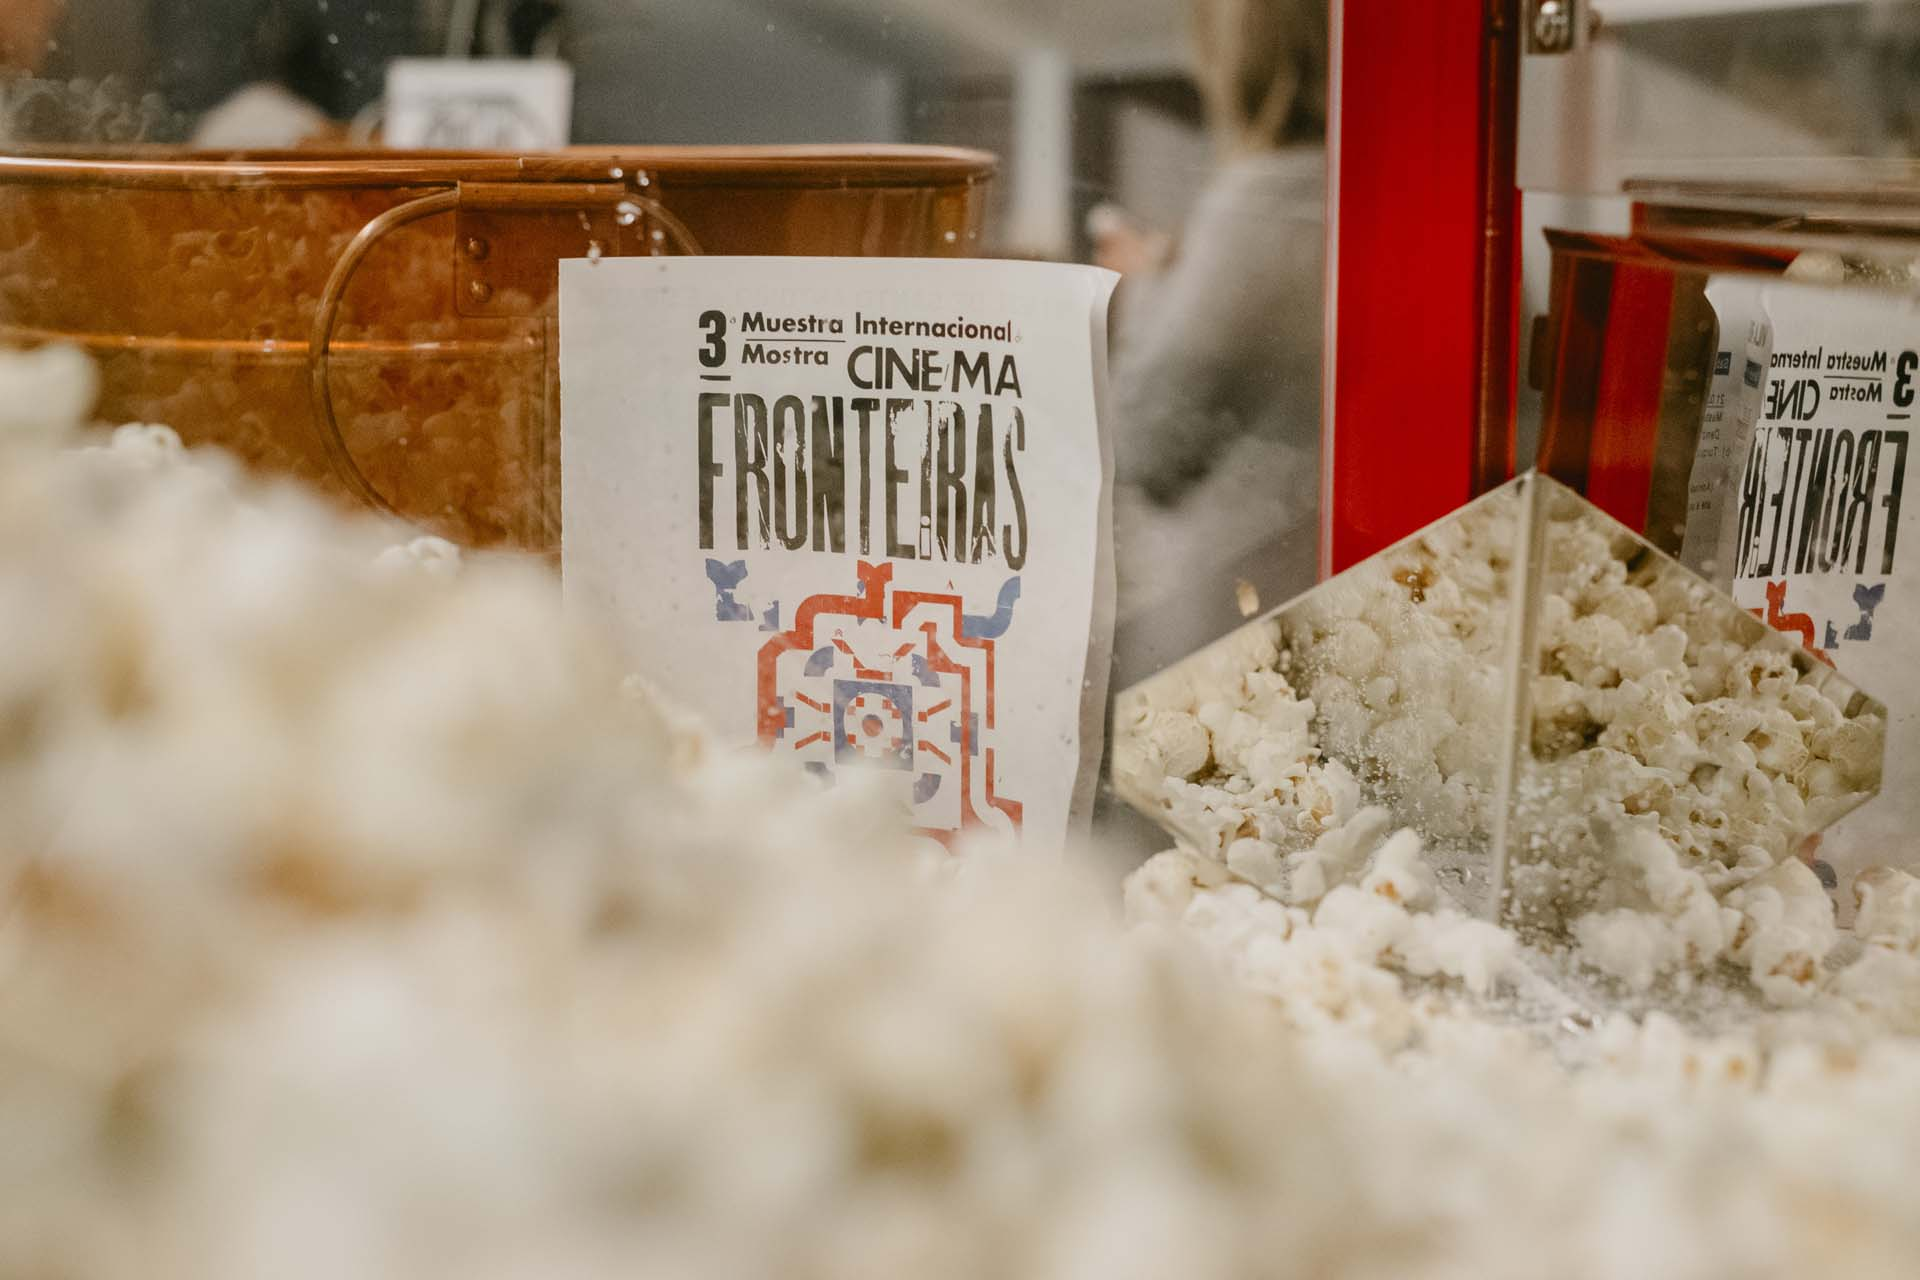 Las palomitas en la muestra internacional de cine FRONTEiRAS